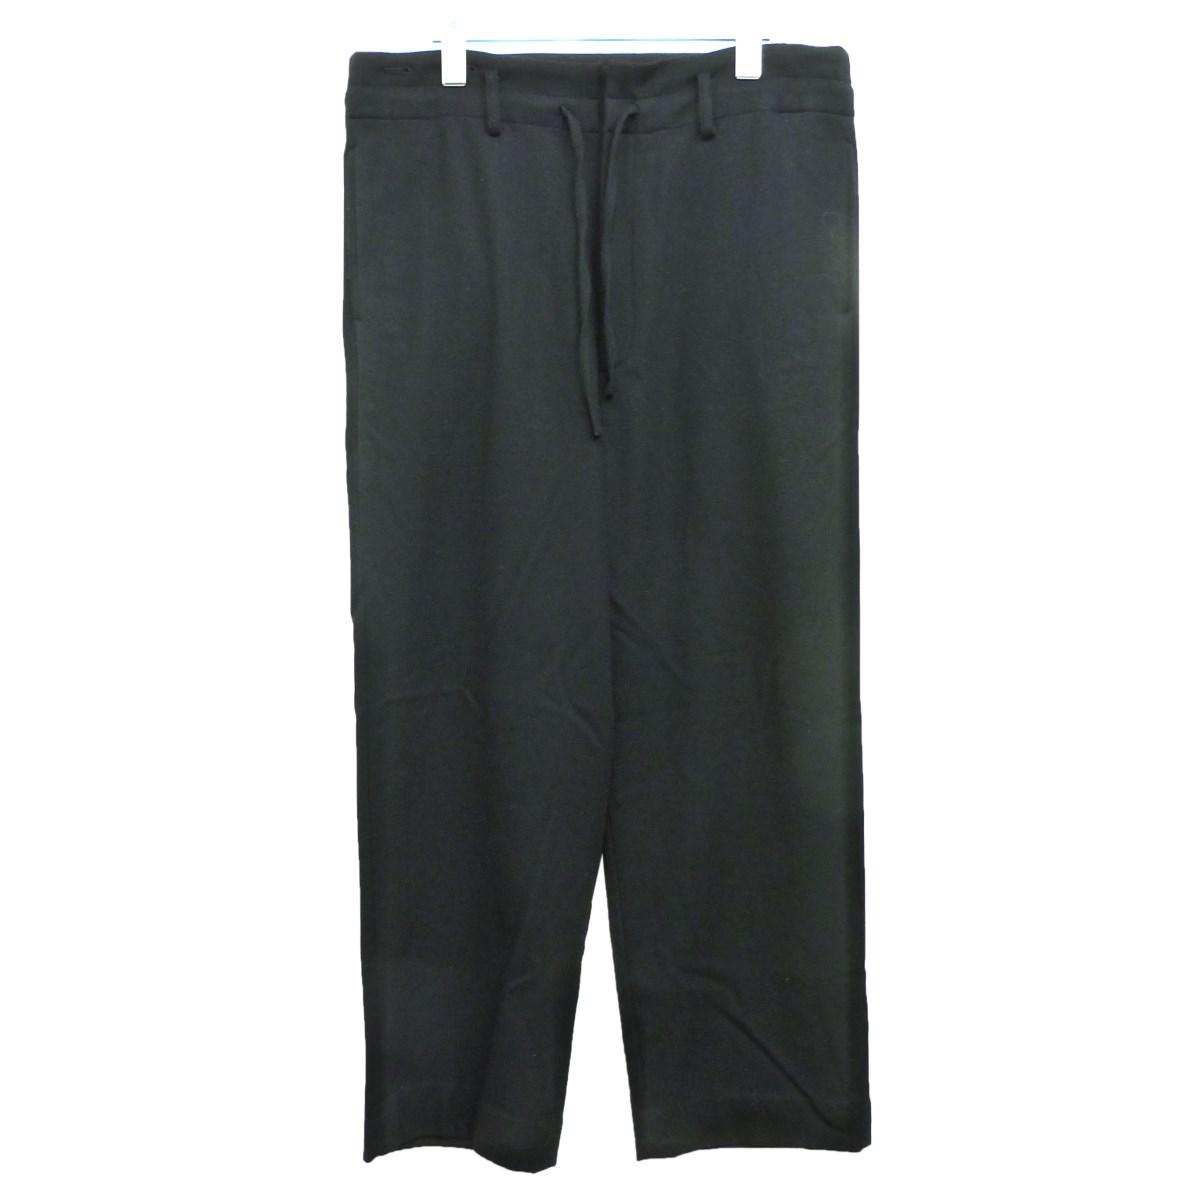 【中古】YOKE '19AW 「WIDE PAJAMA PANTS」ワイドパジャマパンツ ブラック サイズ:S 【260320】(ヨーク)